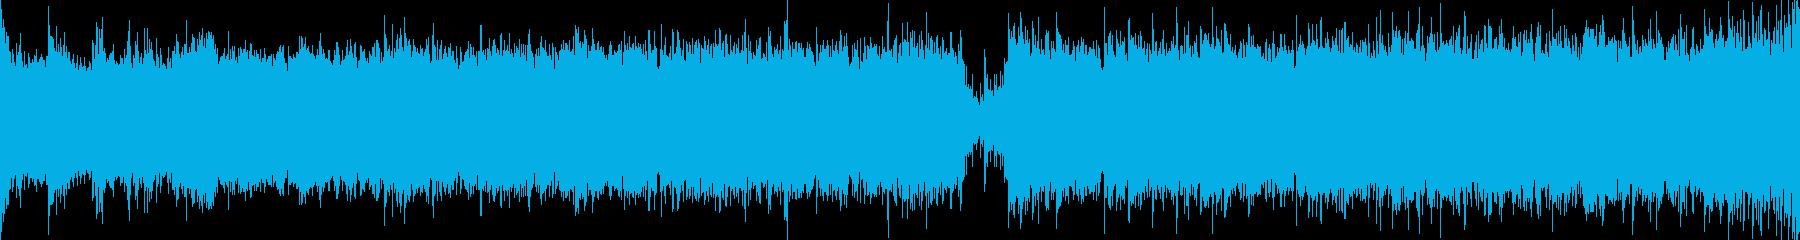 ボーカル入りの幻想的、壮大な曲/ループ可の再生済みの波形